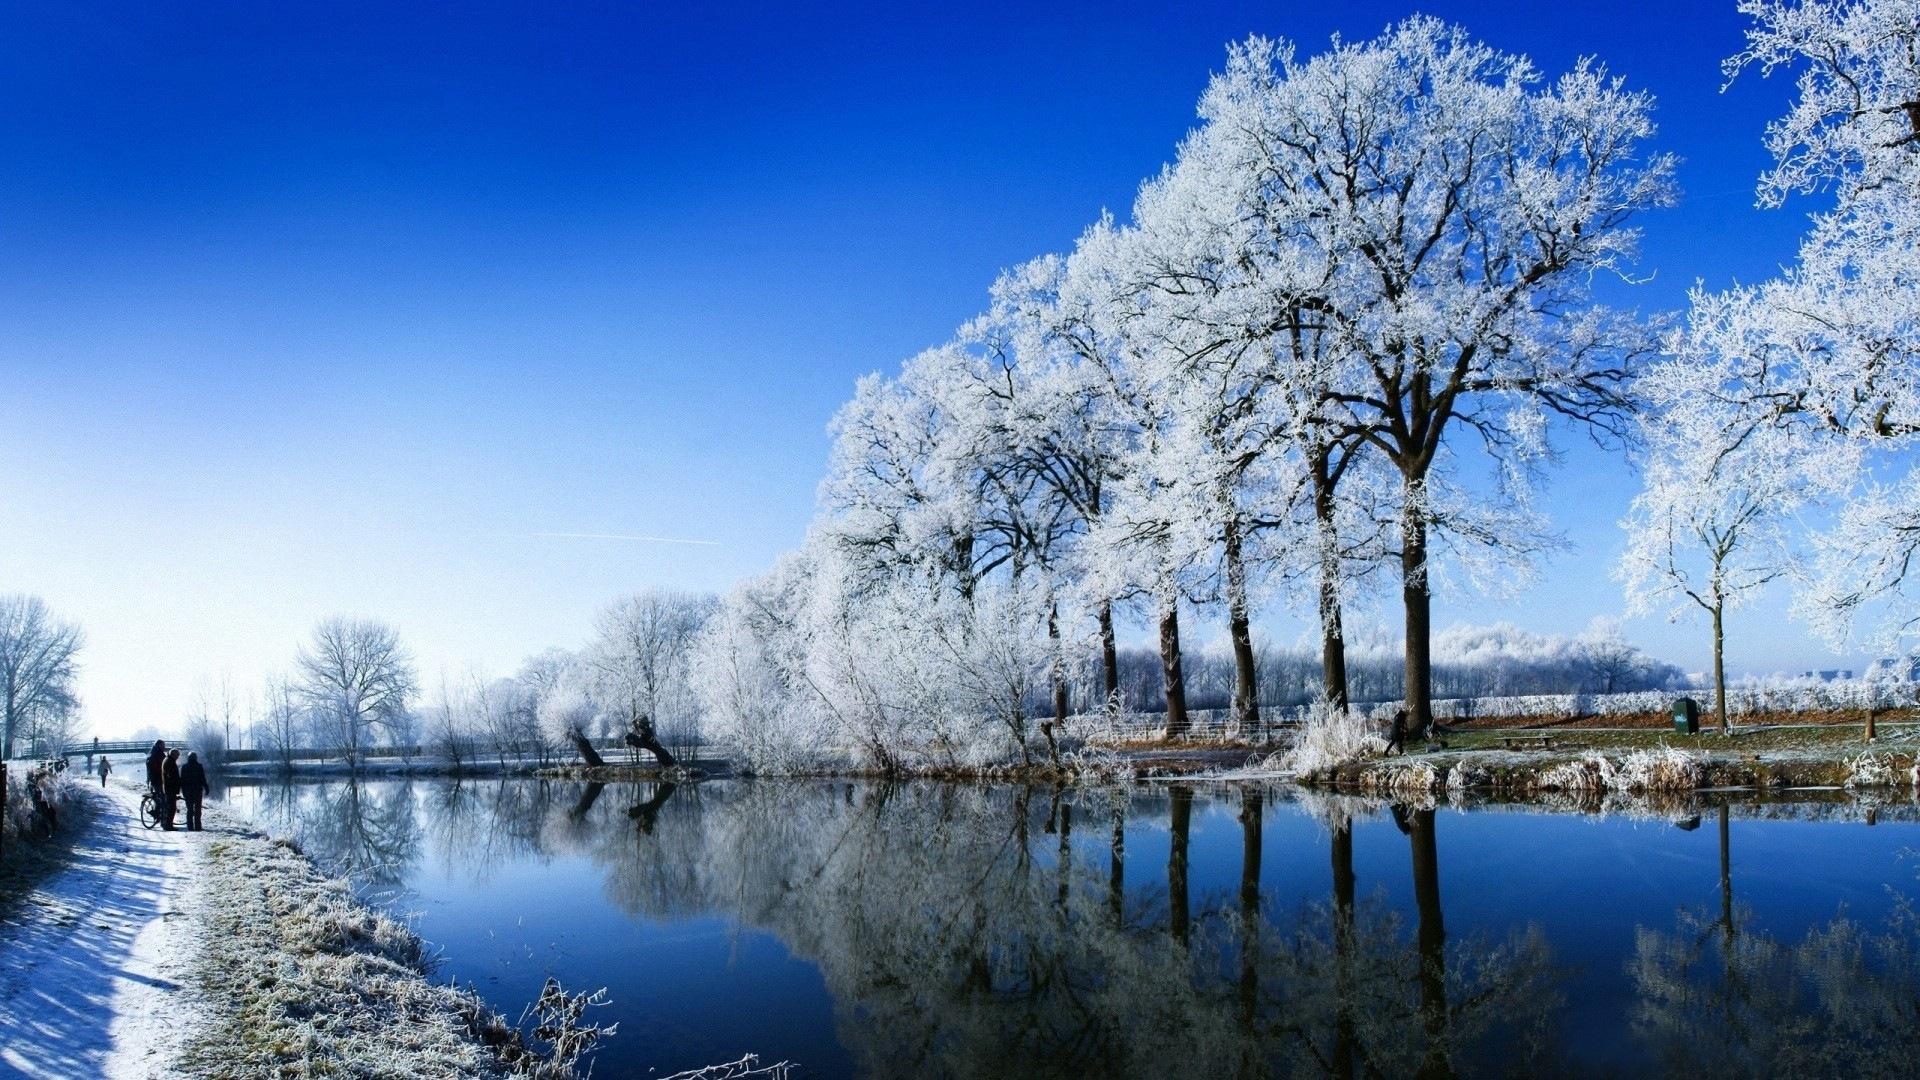 Neige d 39 hiver fonds d 39 cran hd magnifique de paysages 1 for Fond ecran hiver hd